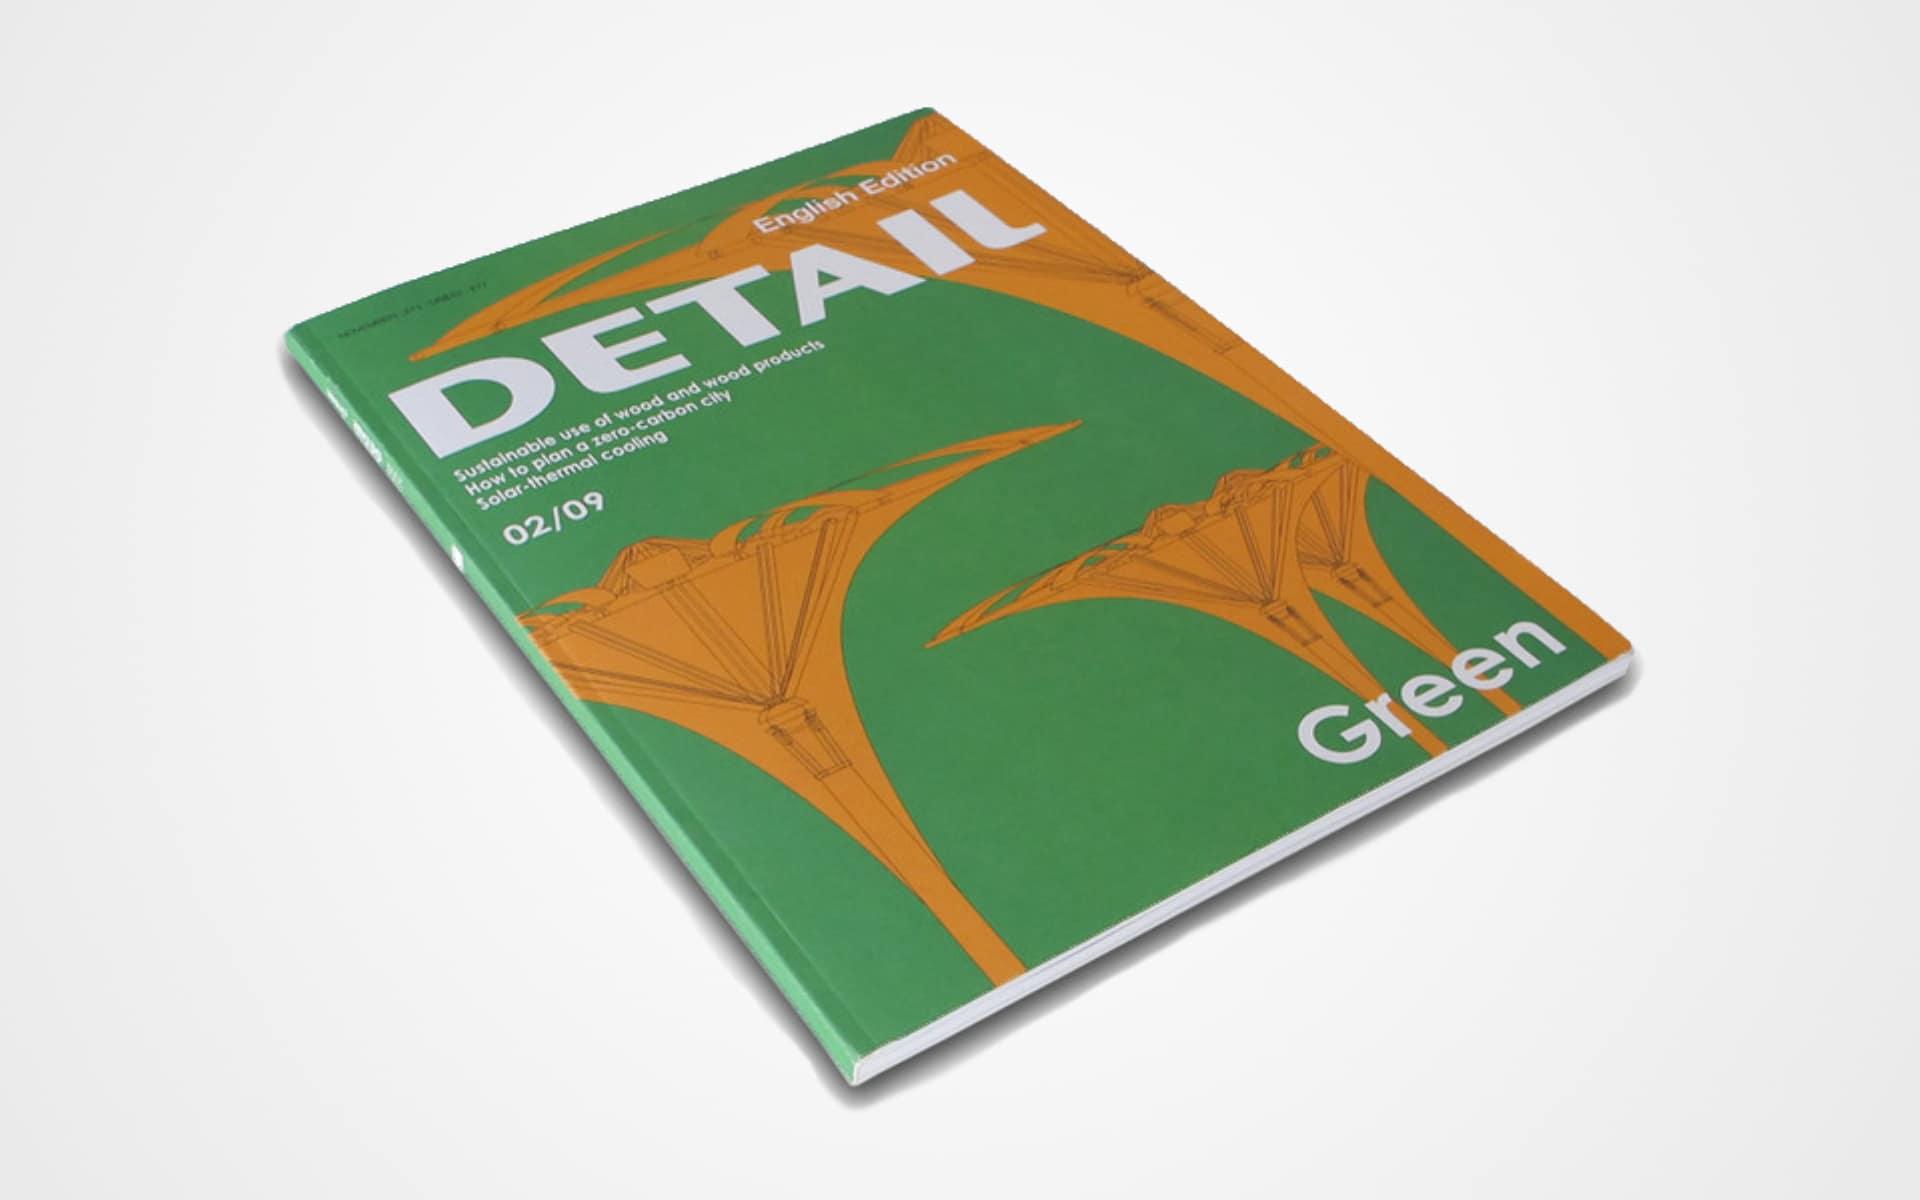 Titelseite des Detail-Magazins der Ausgabe aus dem Jahr 2009.